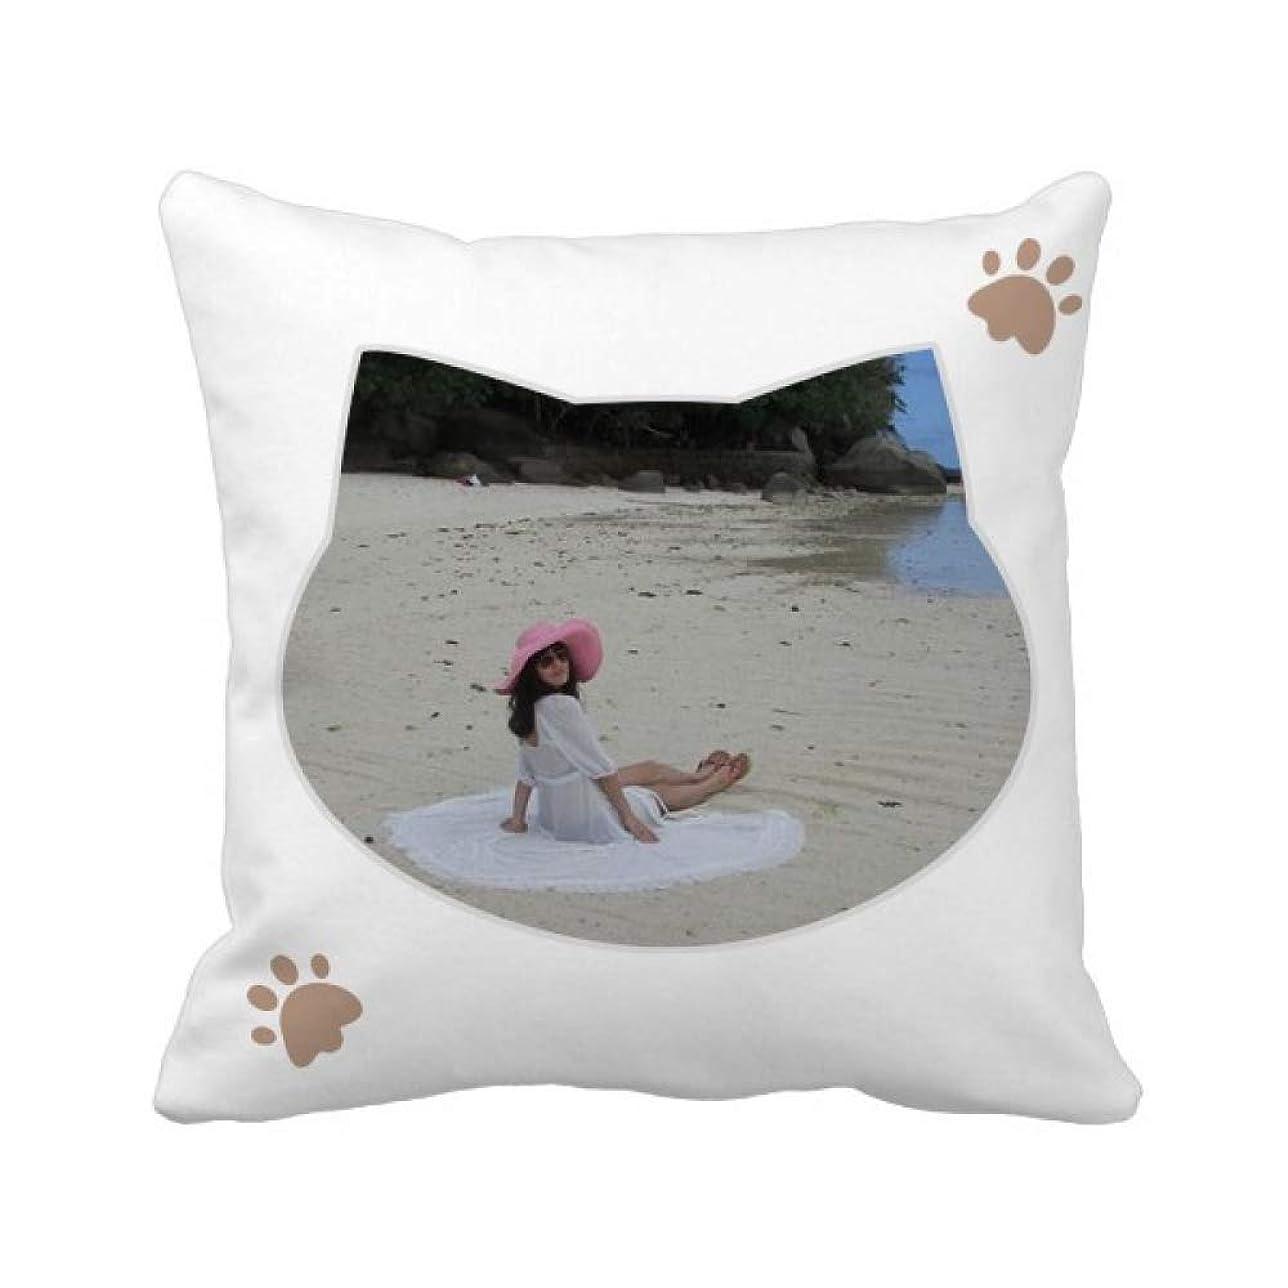 バインド社員前部エリー?八尾beautiflu少女ビーチ海礁 枕カバーを放り投げる猫広場 50cm x 50cm